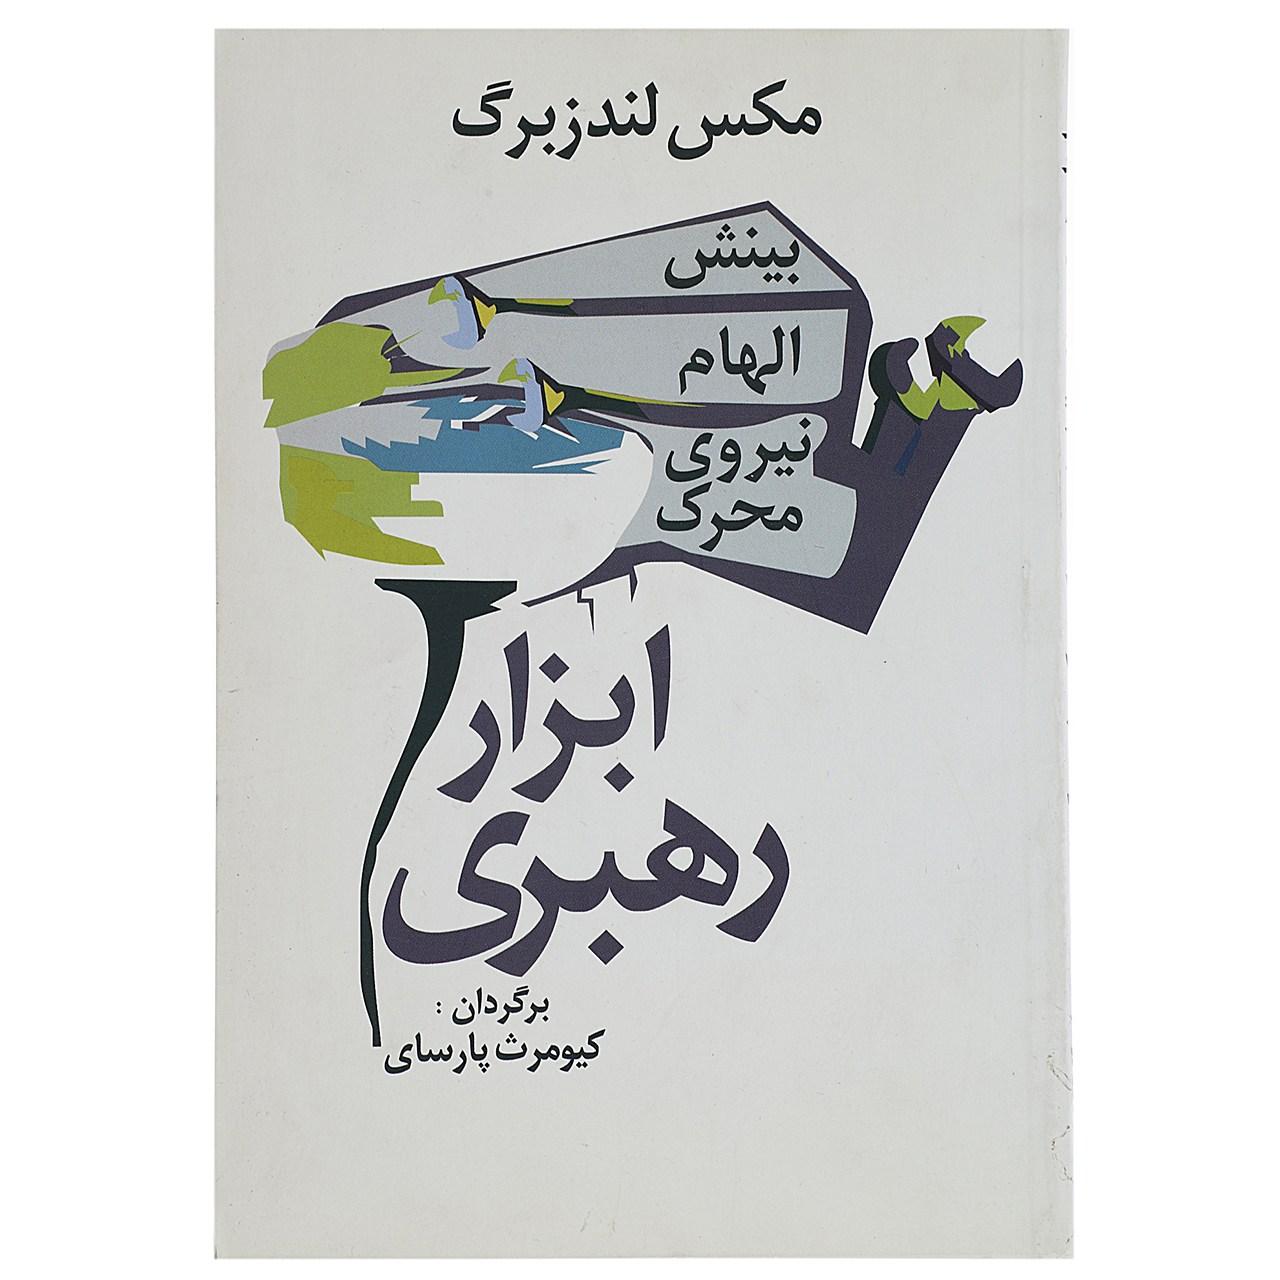 کتاب ابزار رهبری بینش الهام،نیروی محرک اثر مکس لندزبرگ